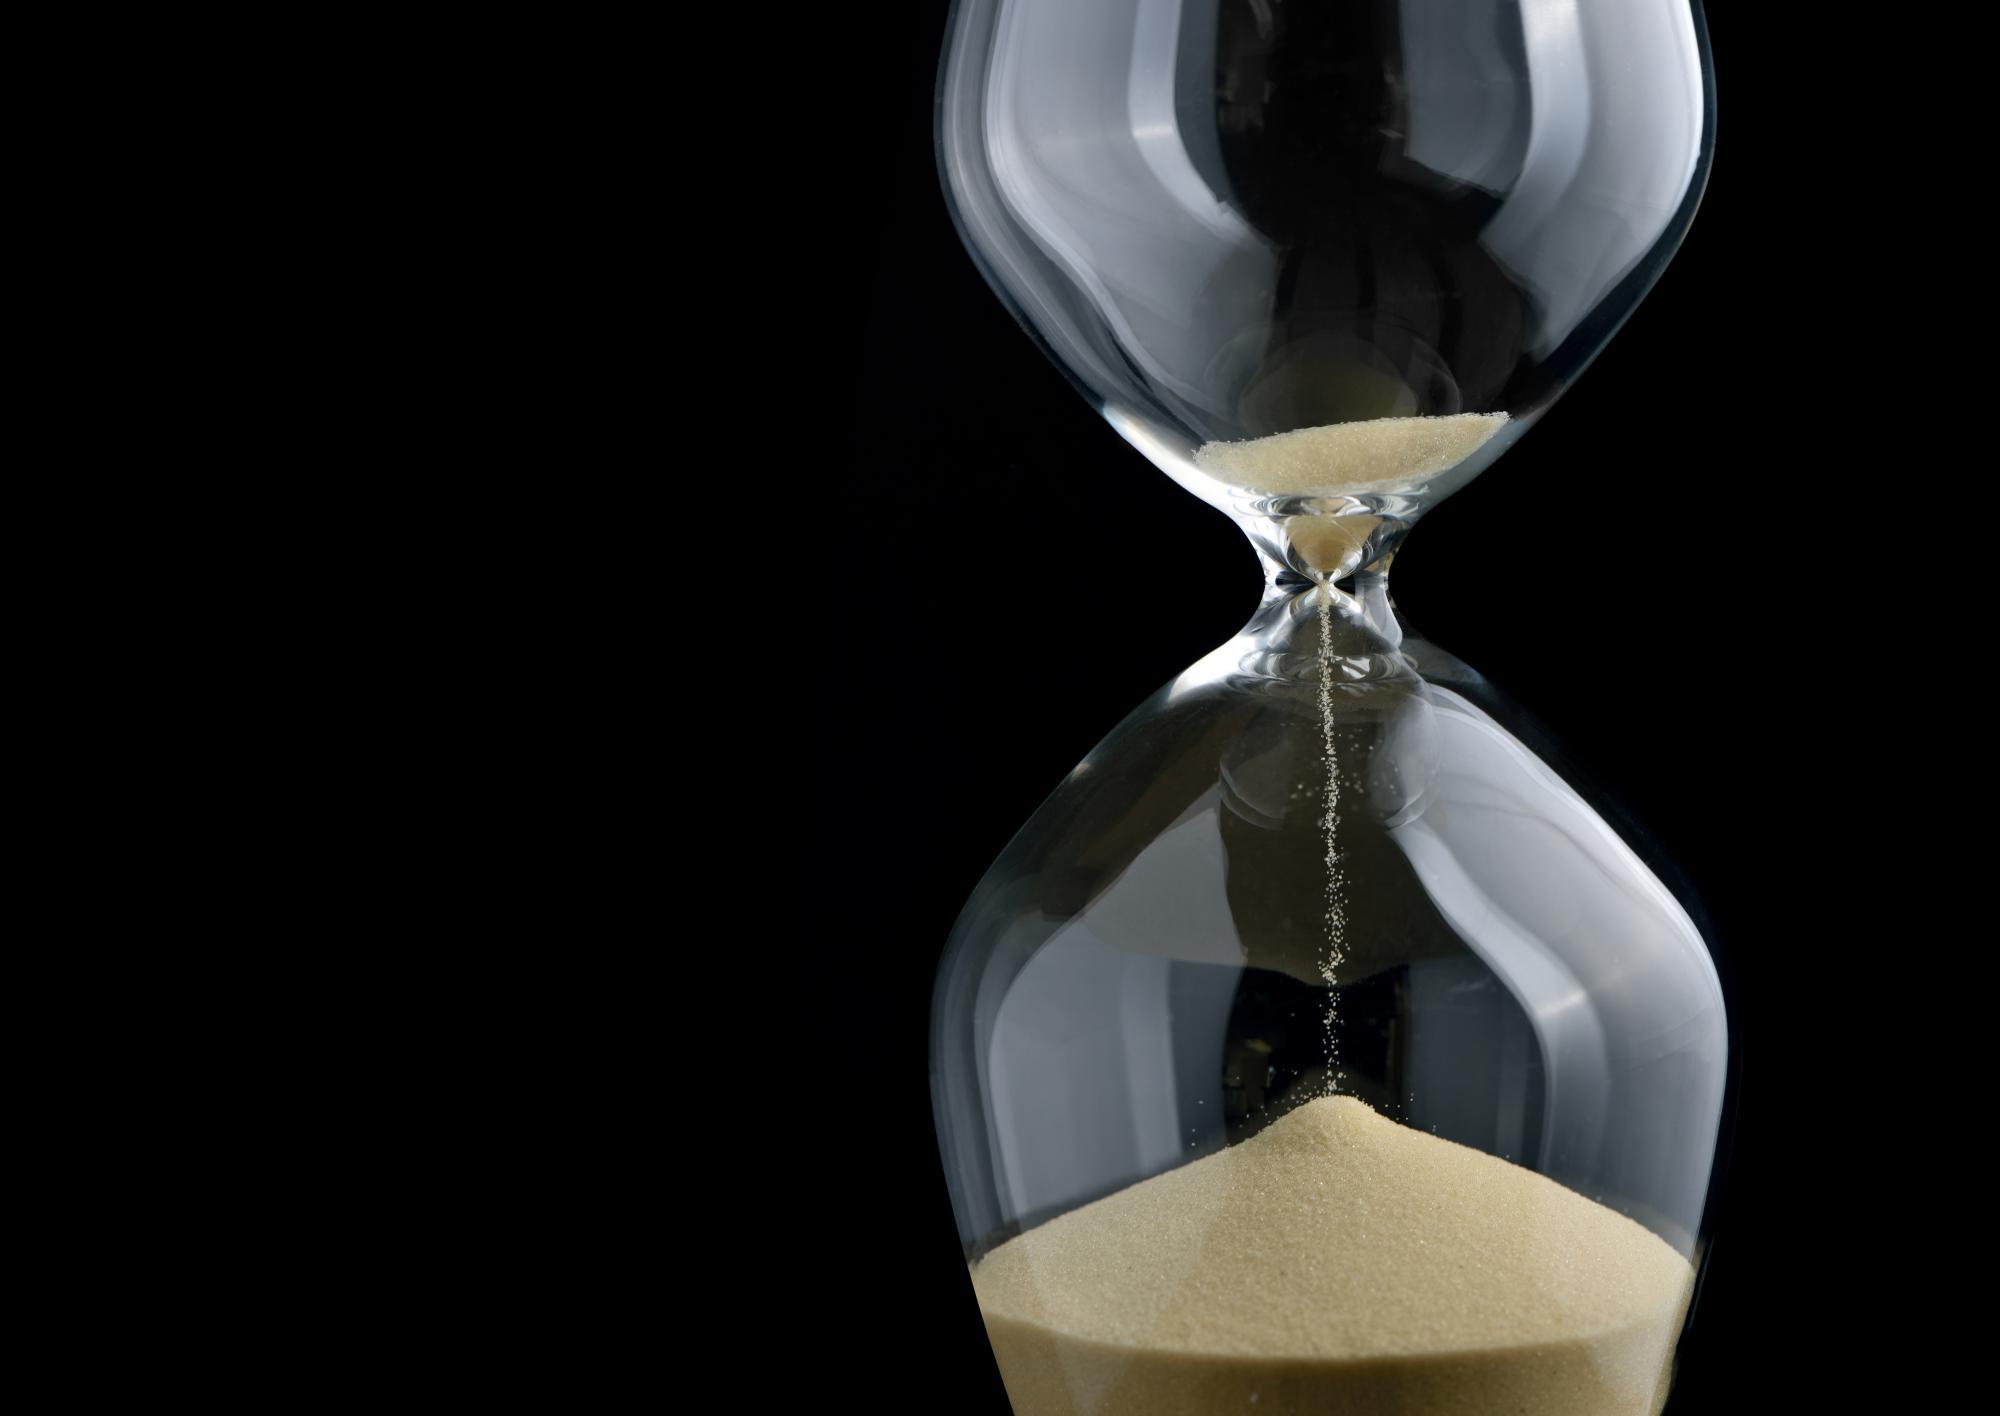 ФНС указала, как исчисляется срок давности при привлечении к налоговой ответственности